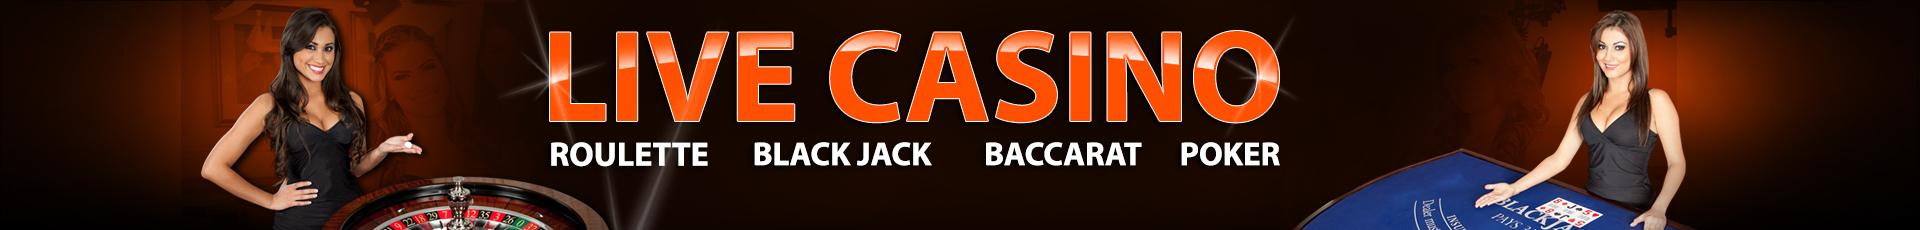 live_casino_21